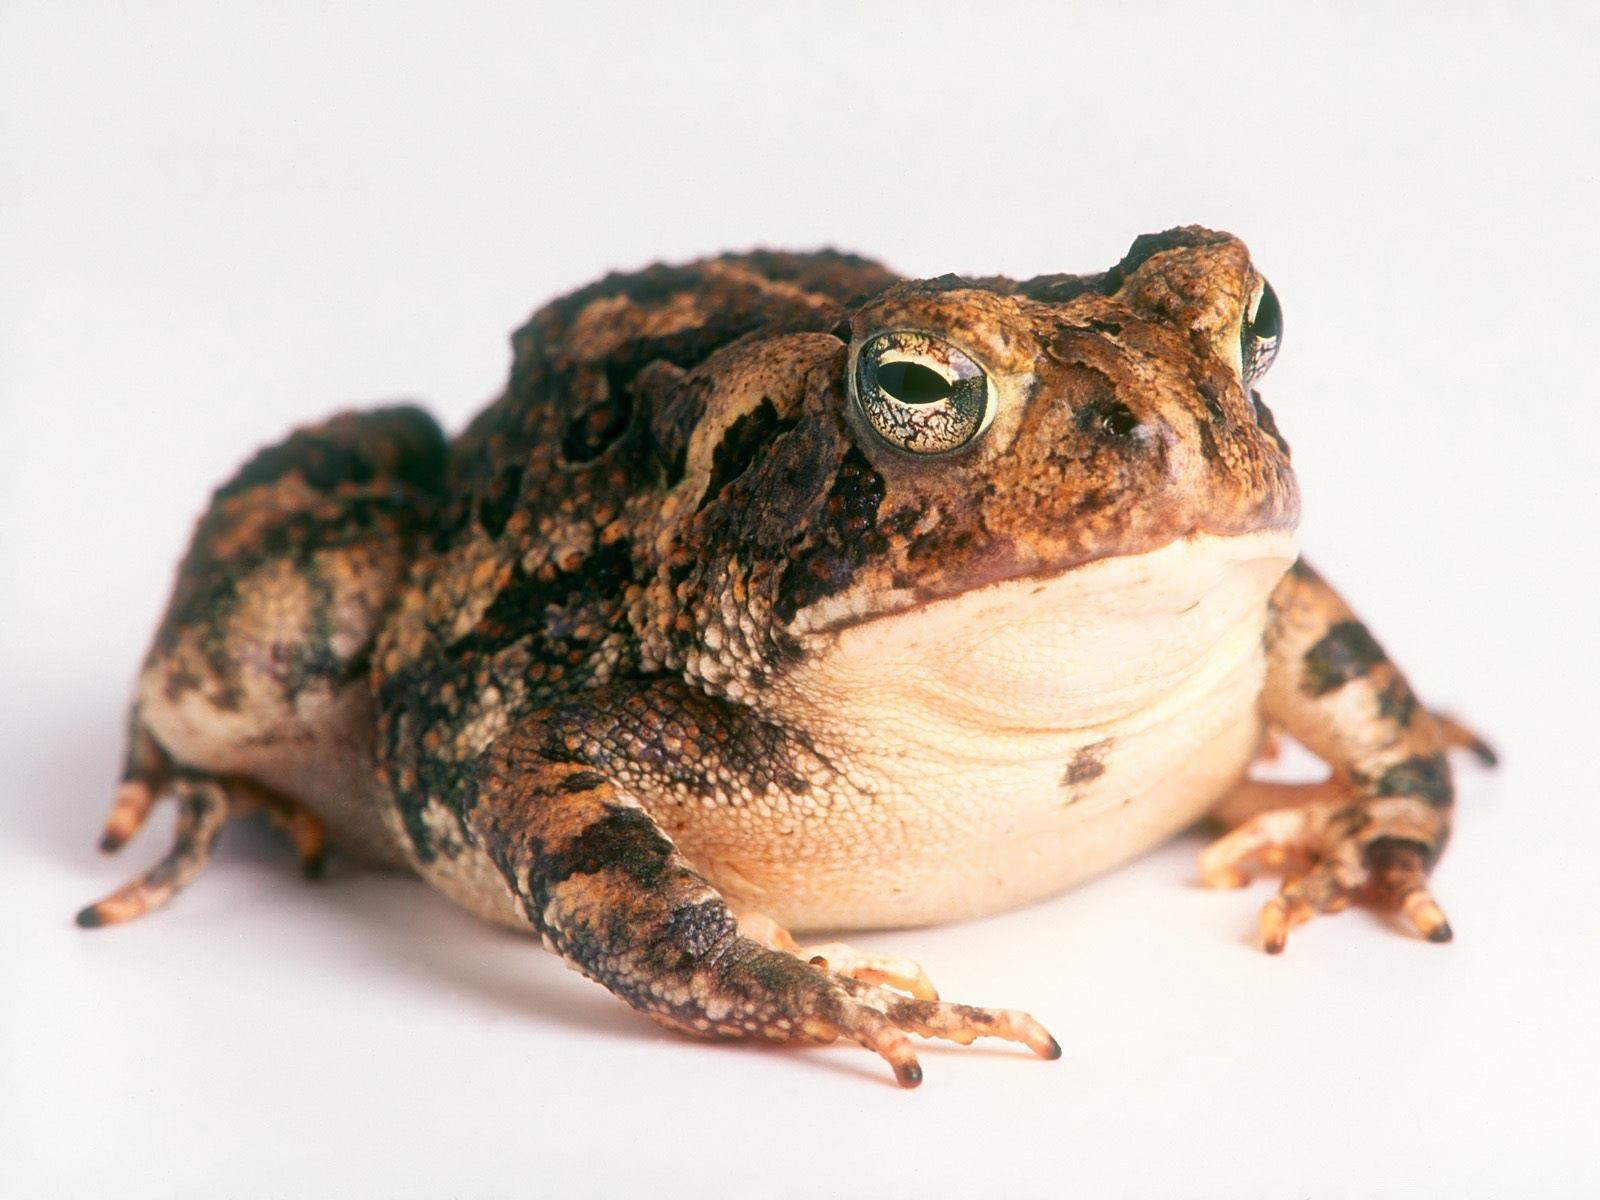 Toad-1-NYJNHB3DI1-1600x1200